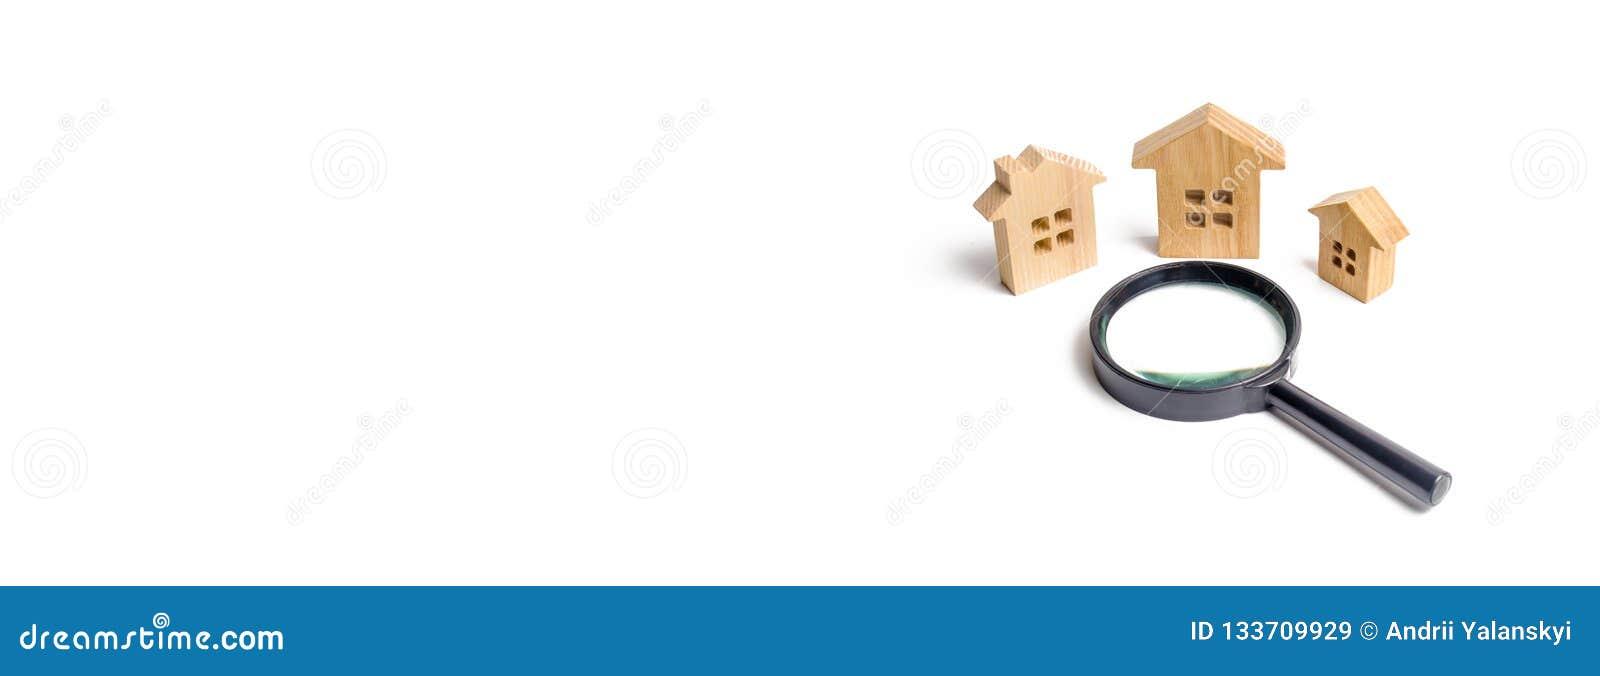 τρία ξύλινα σπίτια σε ένα άσπρο υπόβαθρο Η έννοια του αστικού προγραμματισμού, έργα υποδομής Αγοράζοντας και πωλώντας ακίνητη περ